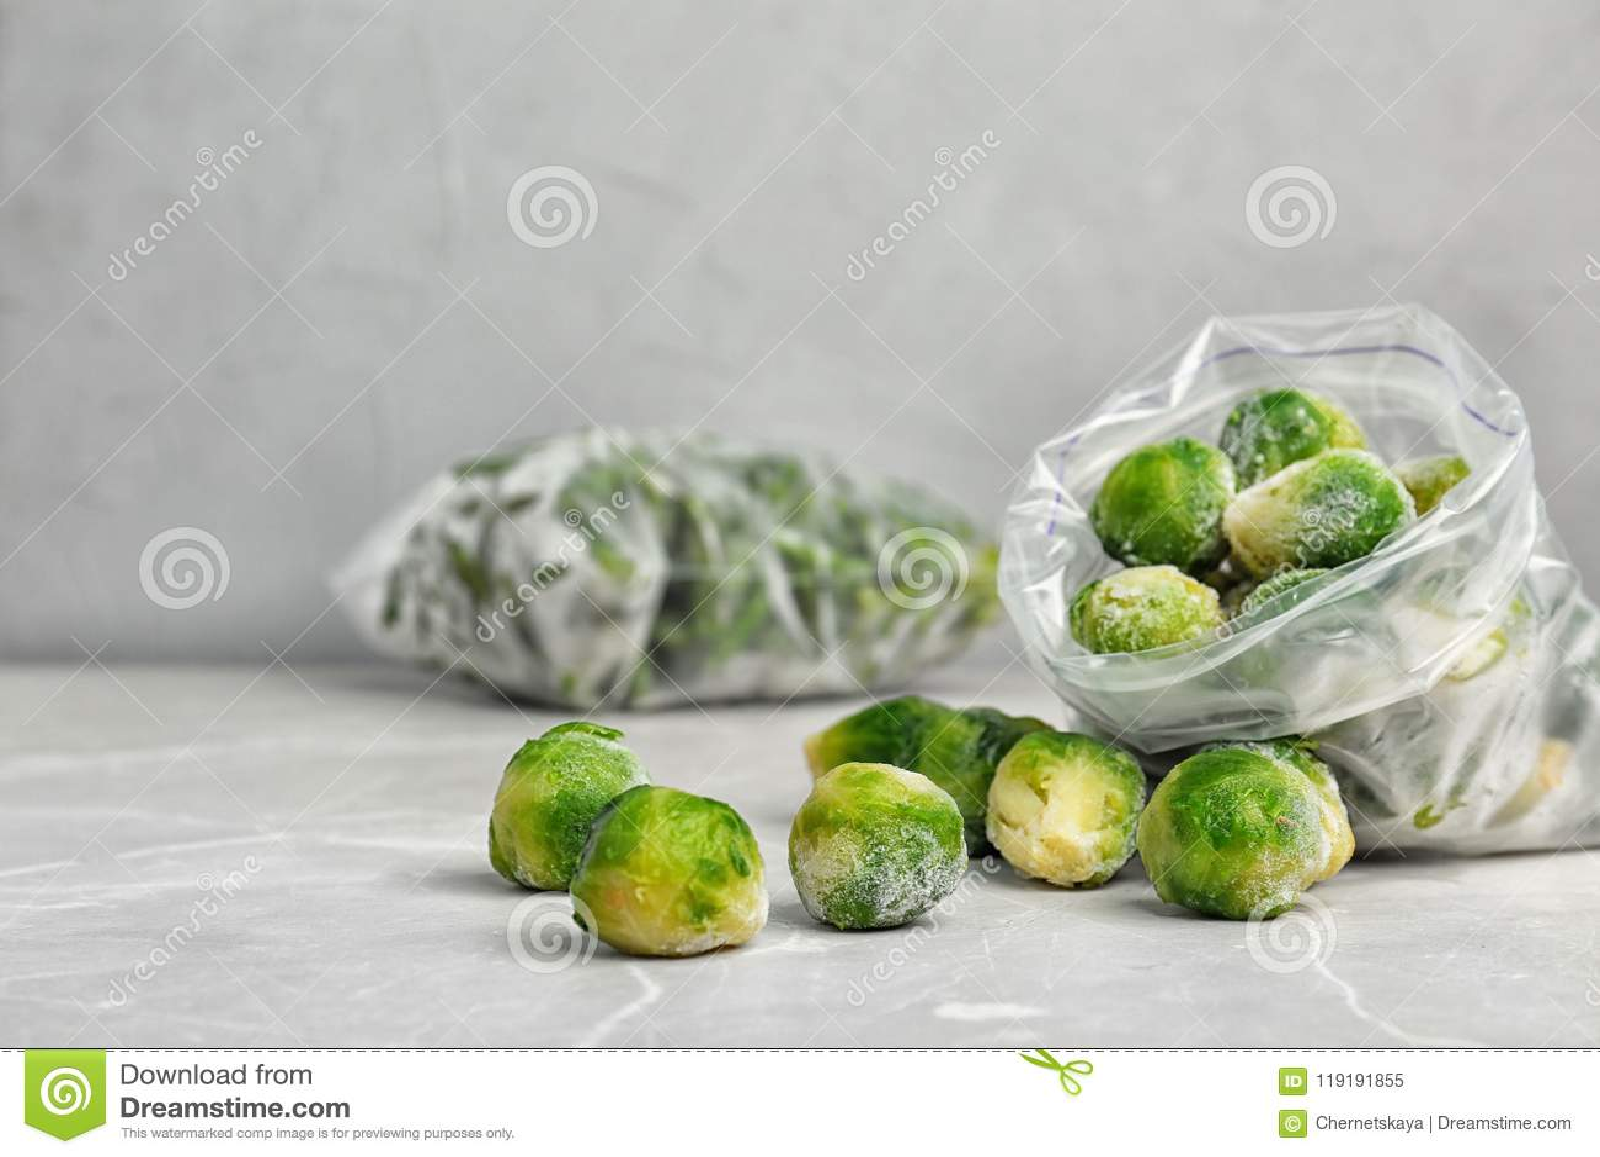 Saco de plástico com as couves-de-Bruxelas congeladas na tabela